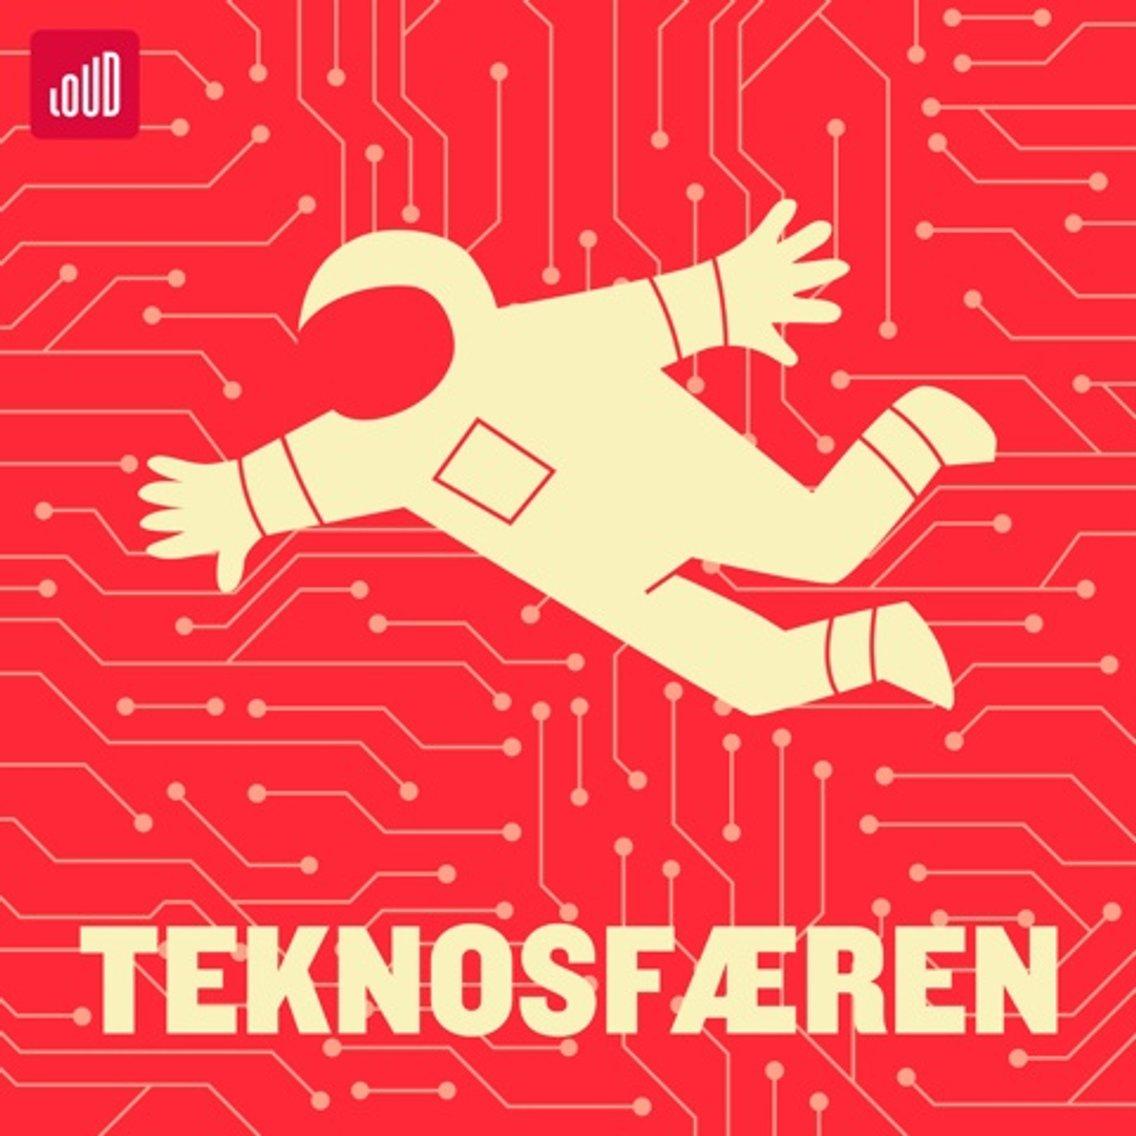 TEKNOSFÆREN - immagine di copertina